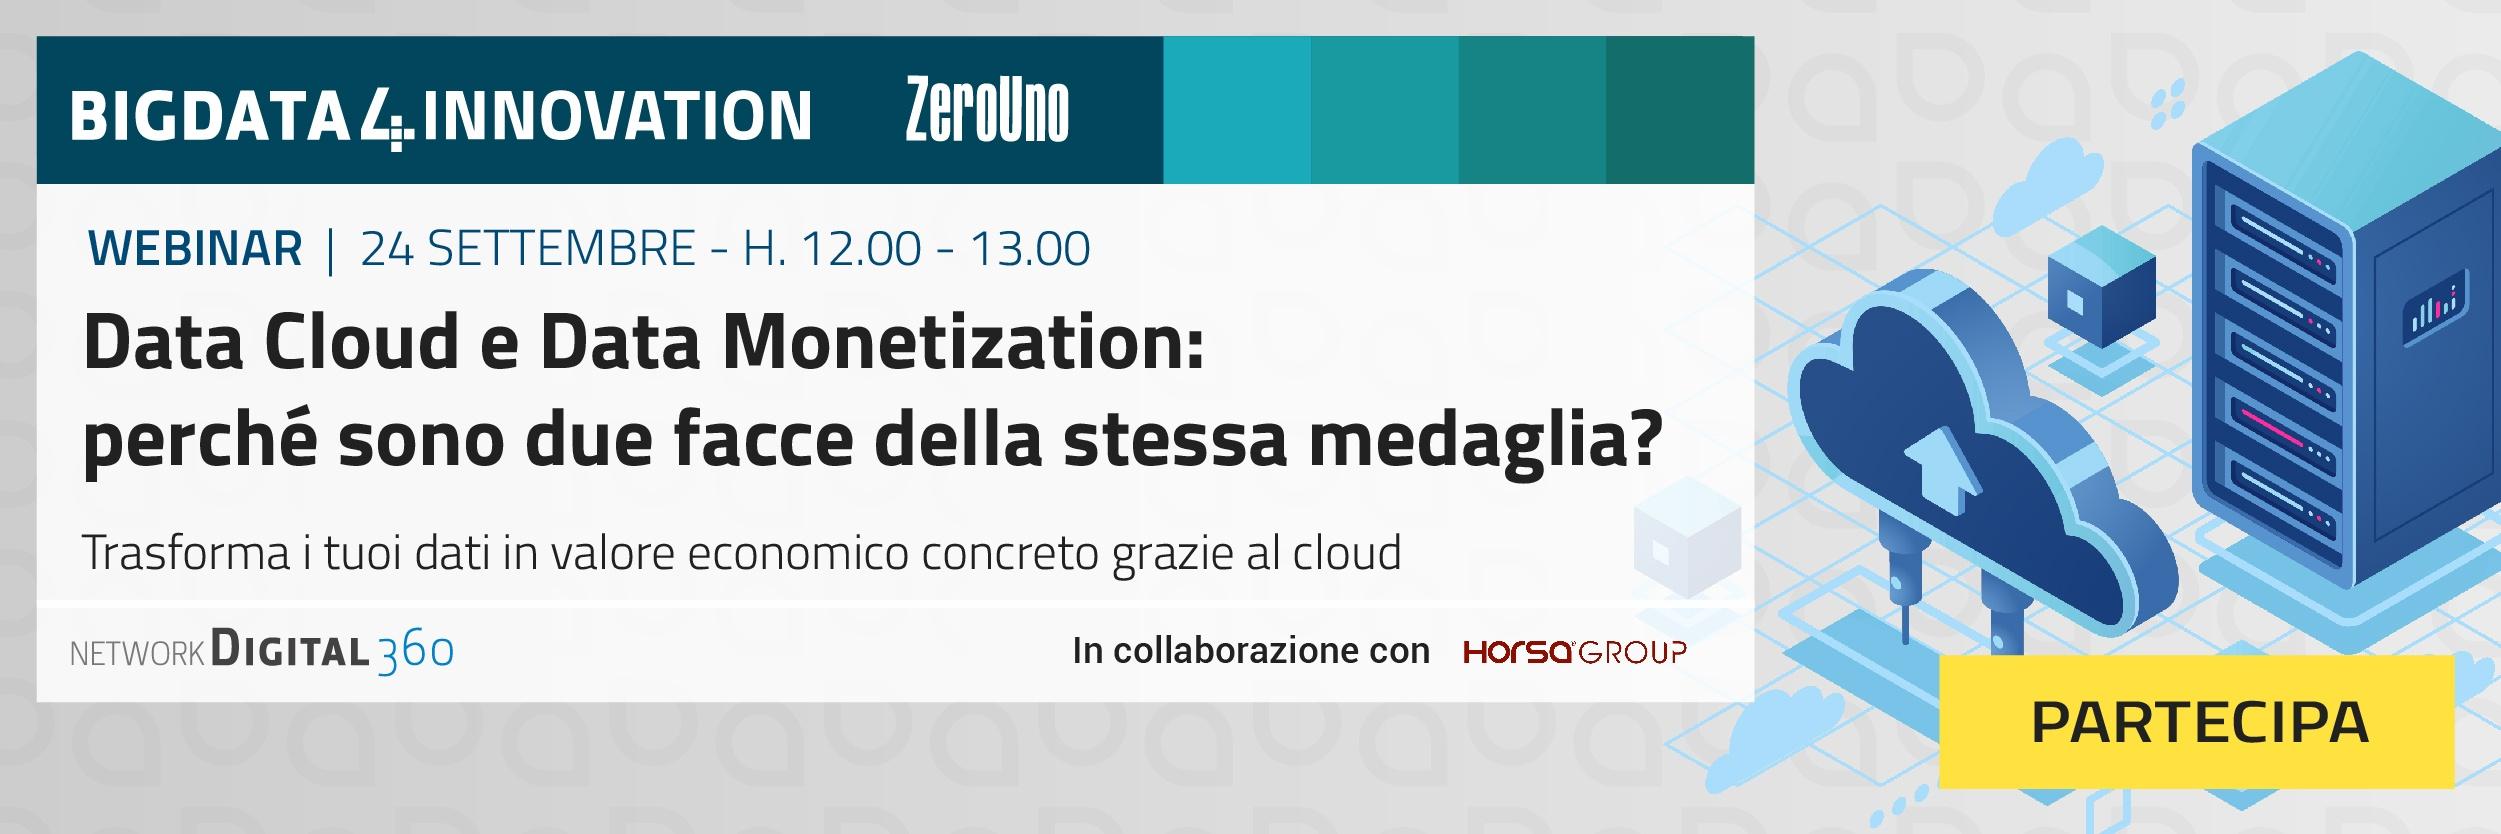 WEBINAR - Data Cloud e Data Monetization: perché sono due facce della stessa medaglia? 24 Settembre 2021 dalle ore 12:00 alle 13:00